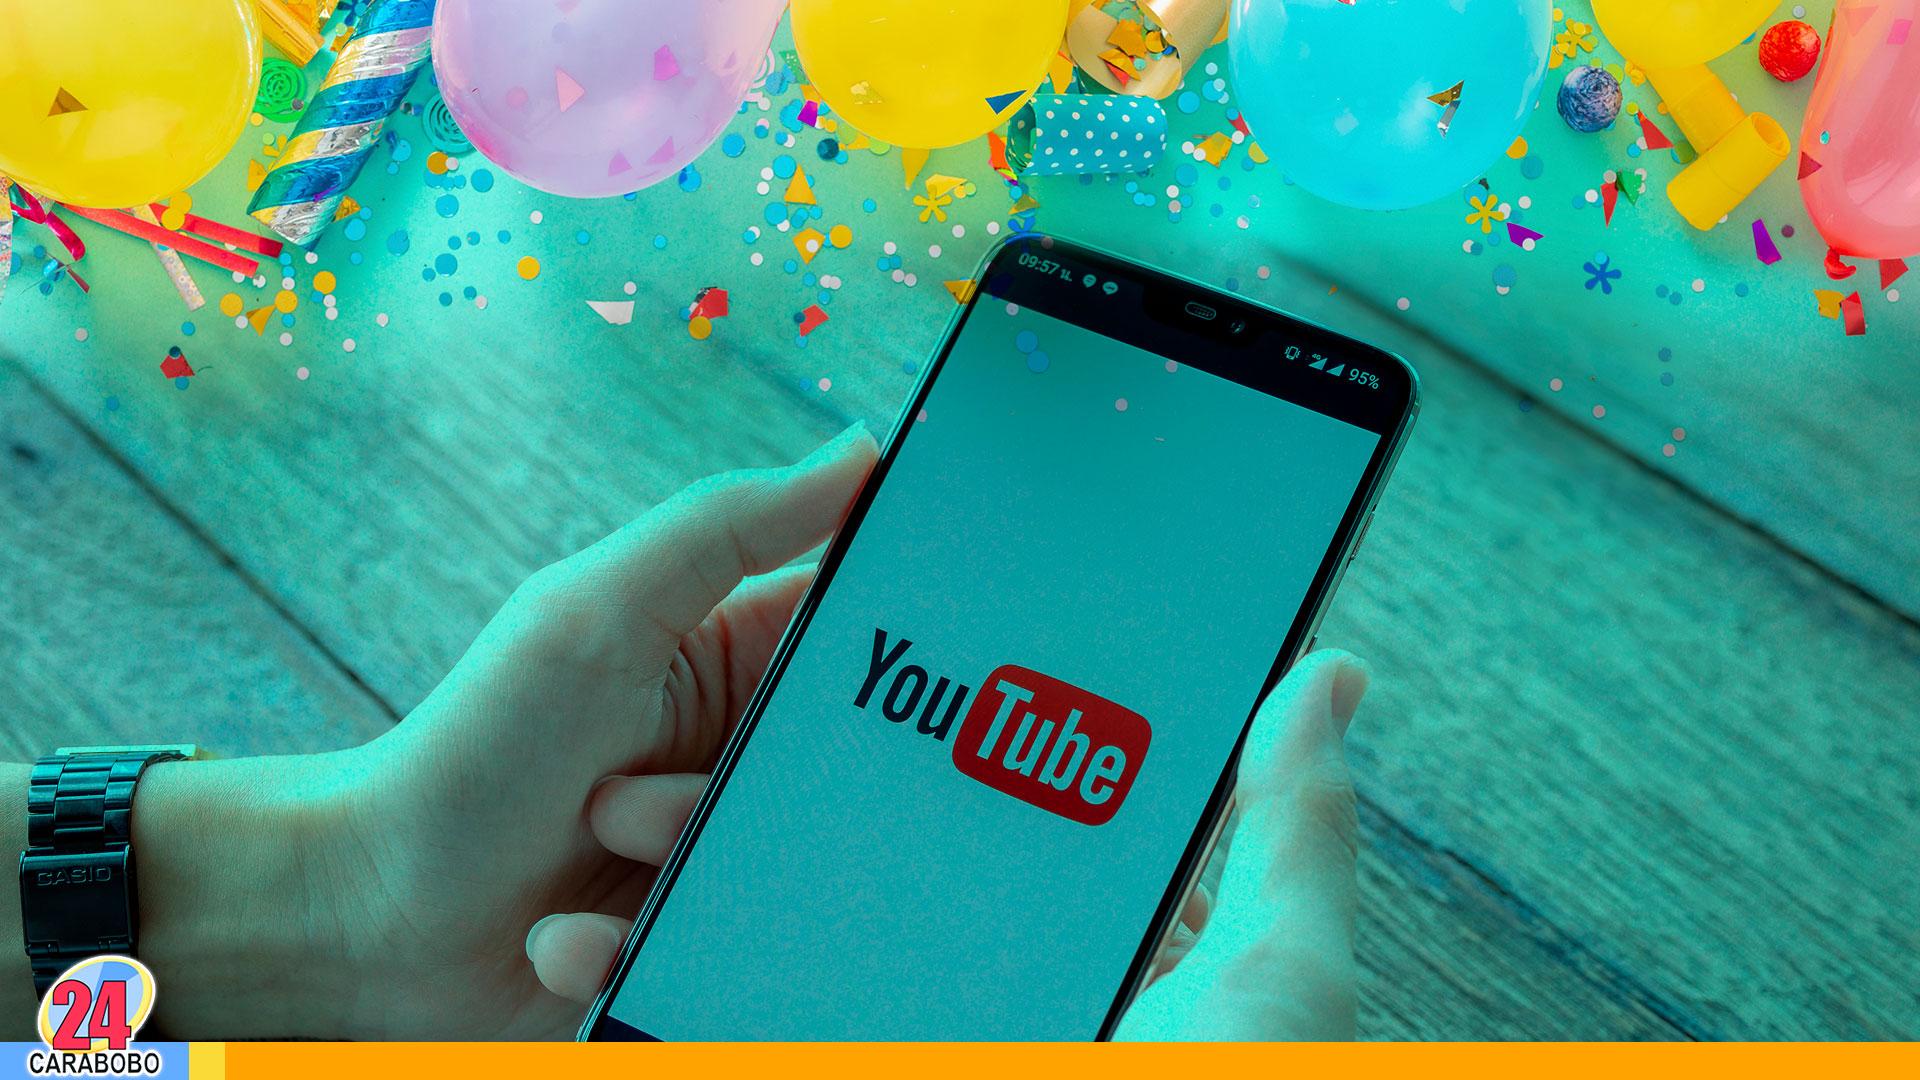 Youtube de aniversario - noticias 24 carabobo